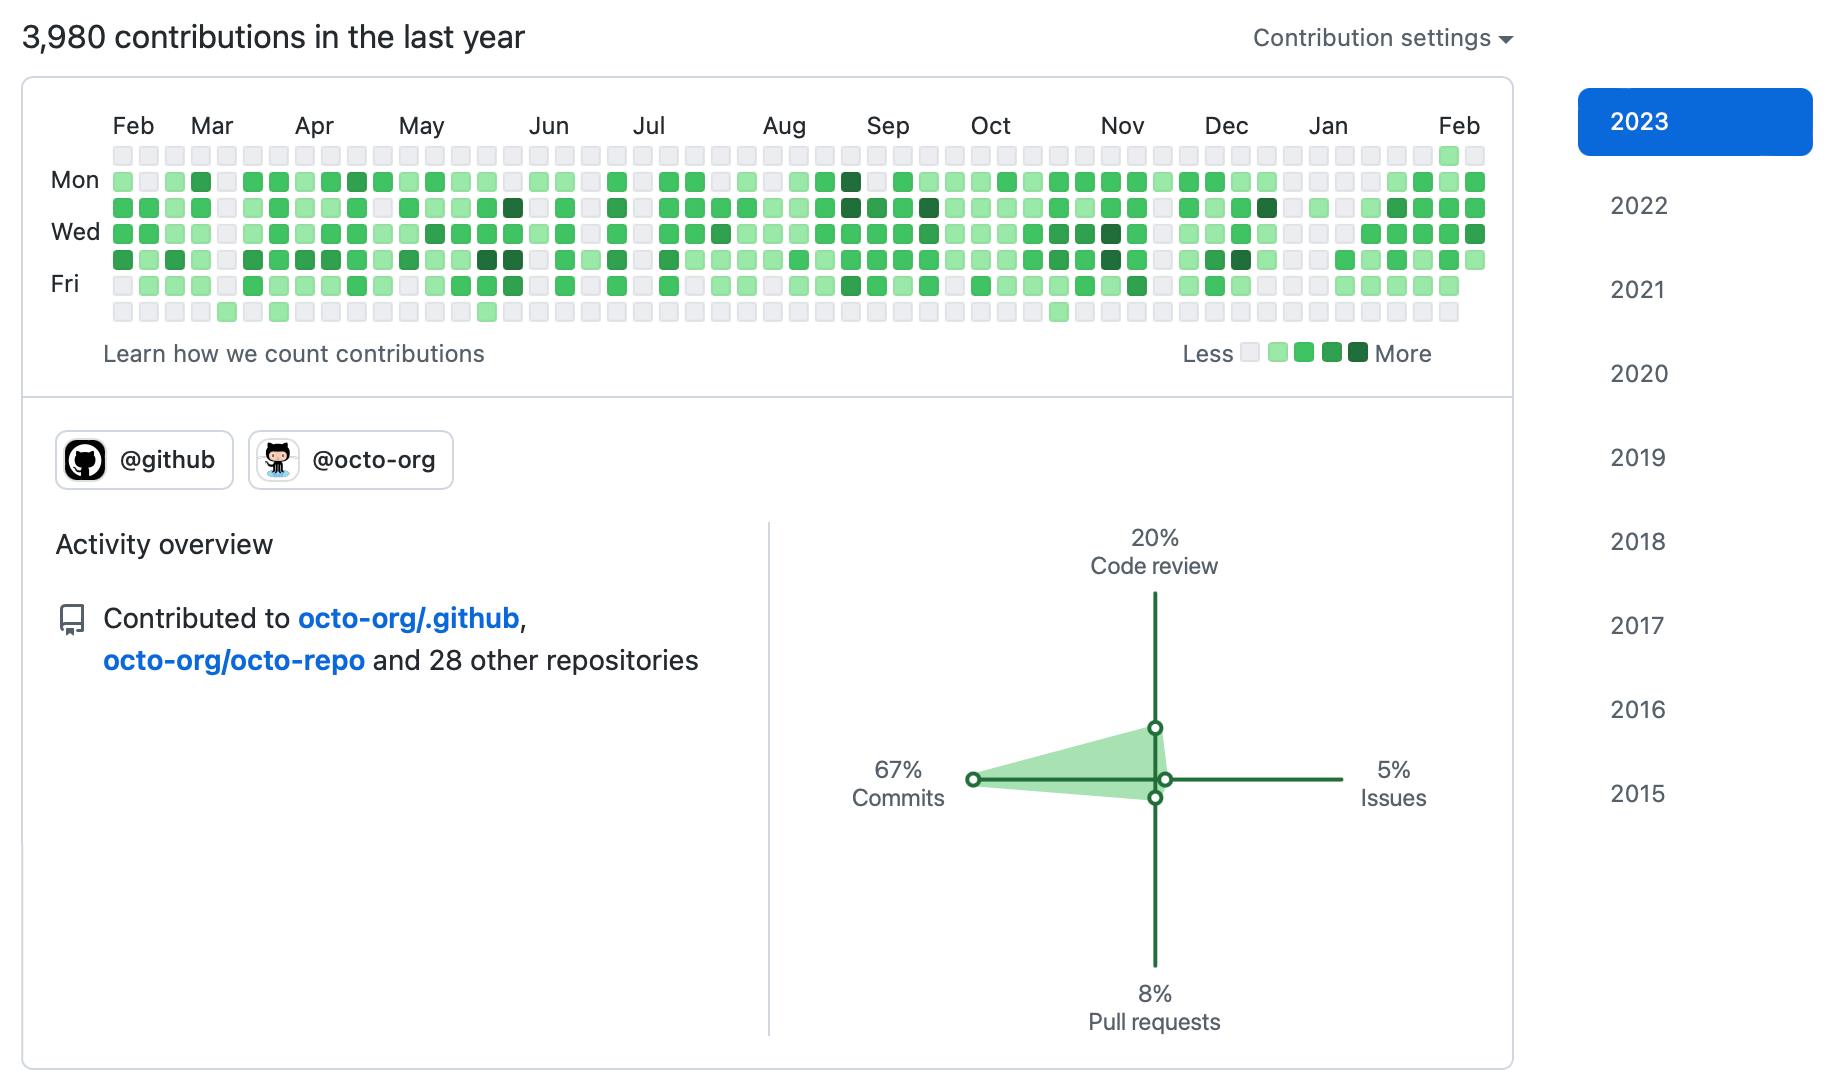 GitHub contribution rose